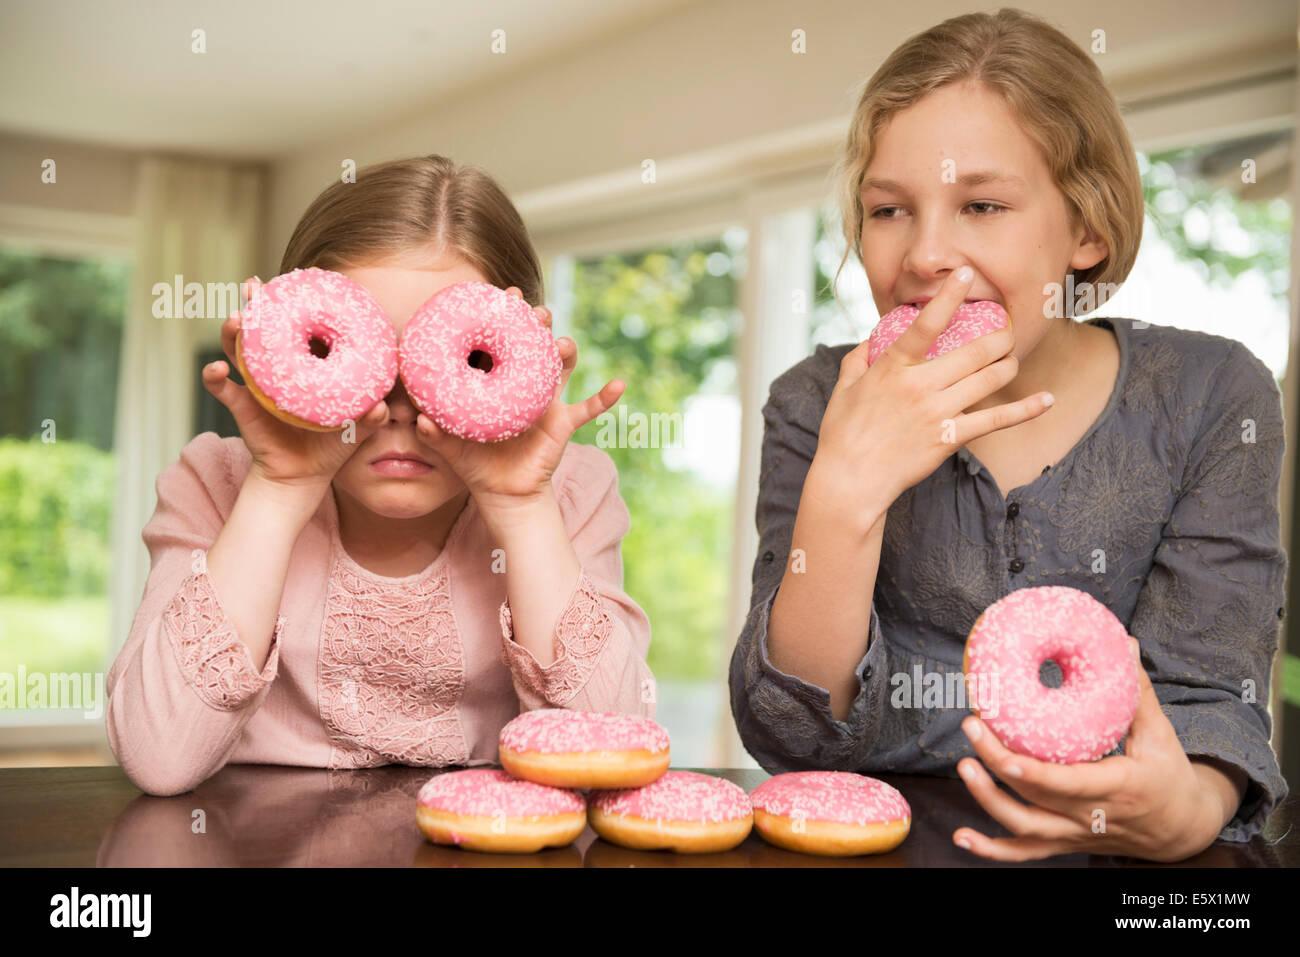 Deux sœurs une avec trous de beignes sur ses yeux, l'autre manger Photo Stock